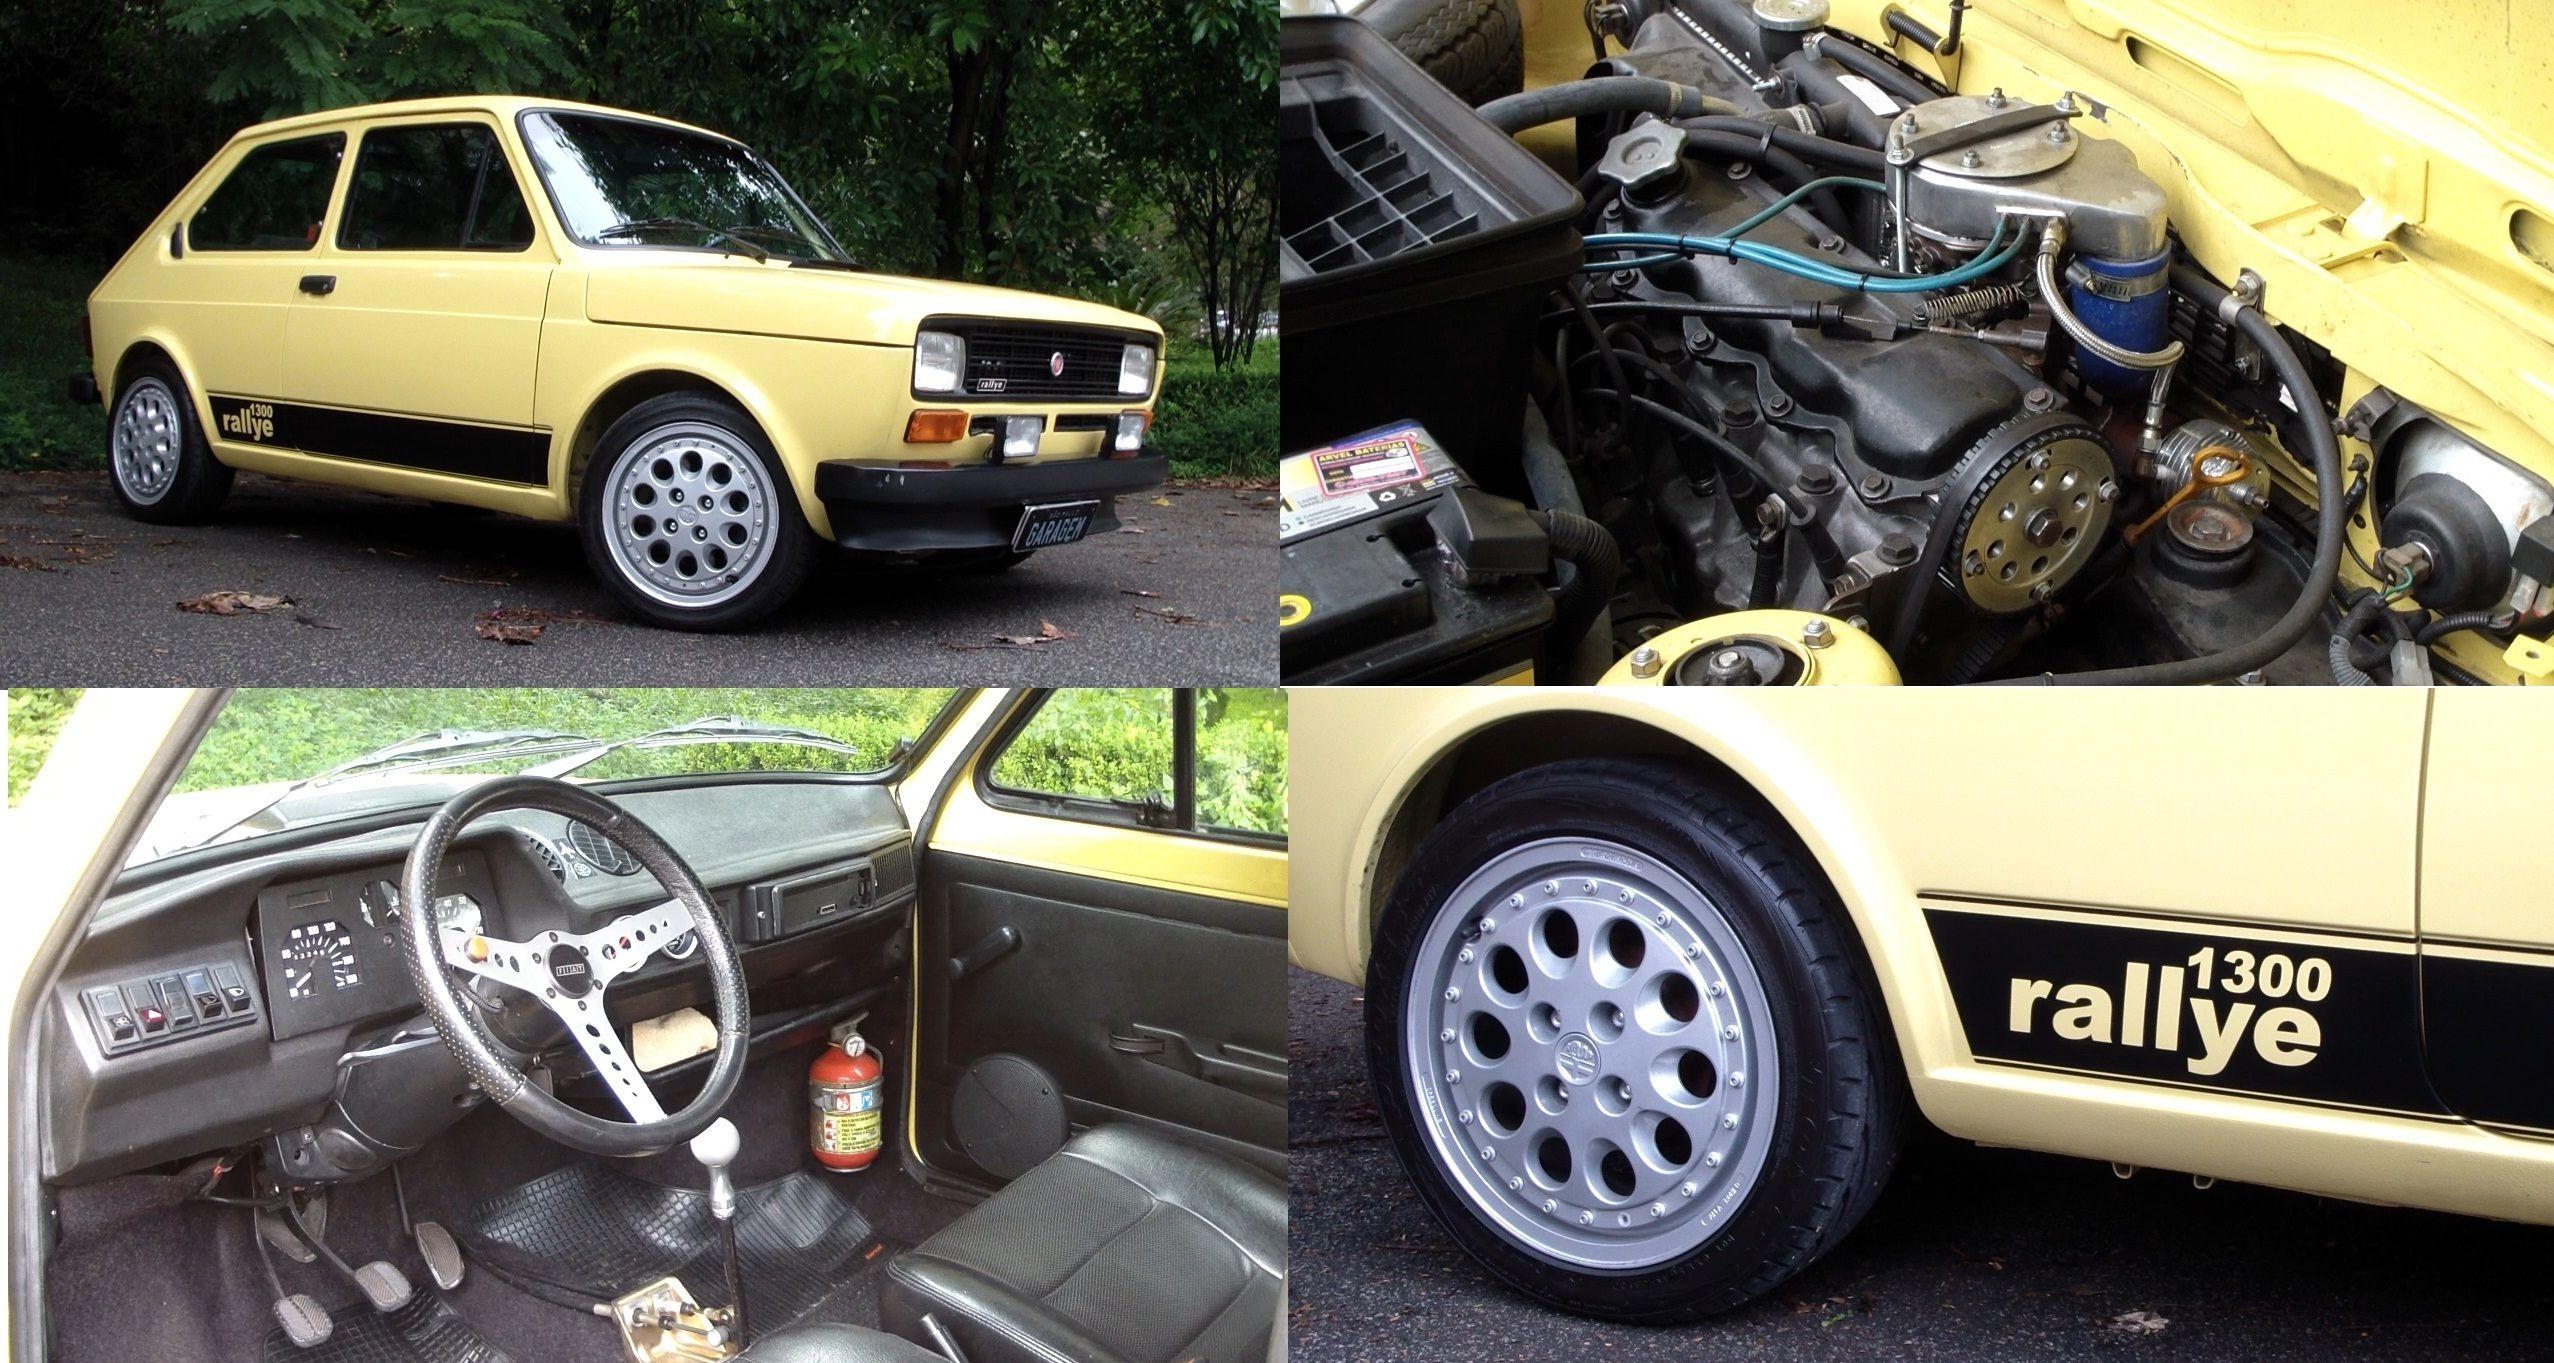 Fiat 147 Rallye Turbo Carros Vw Carros Carros Classicos